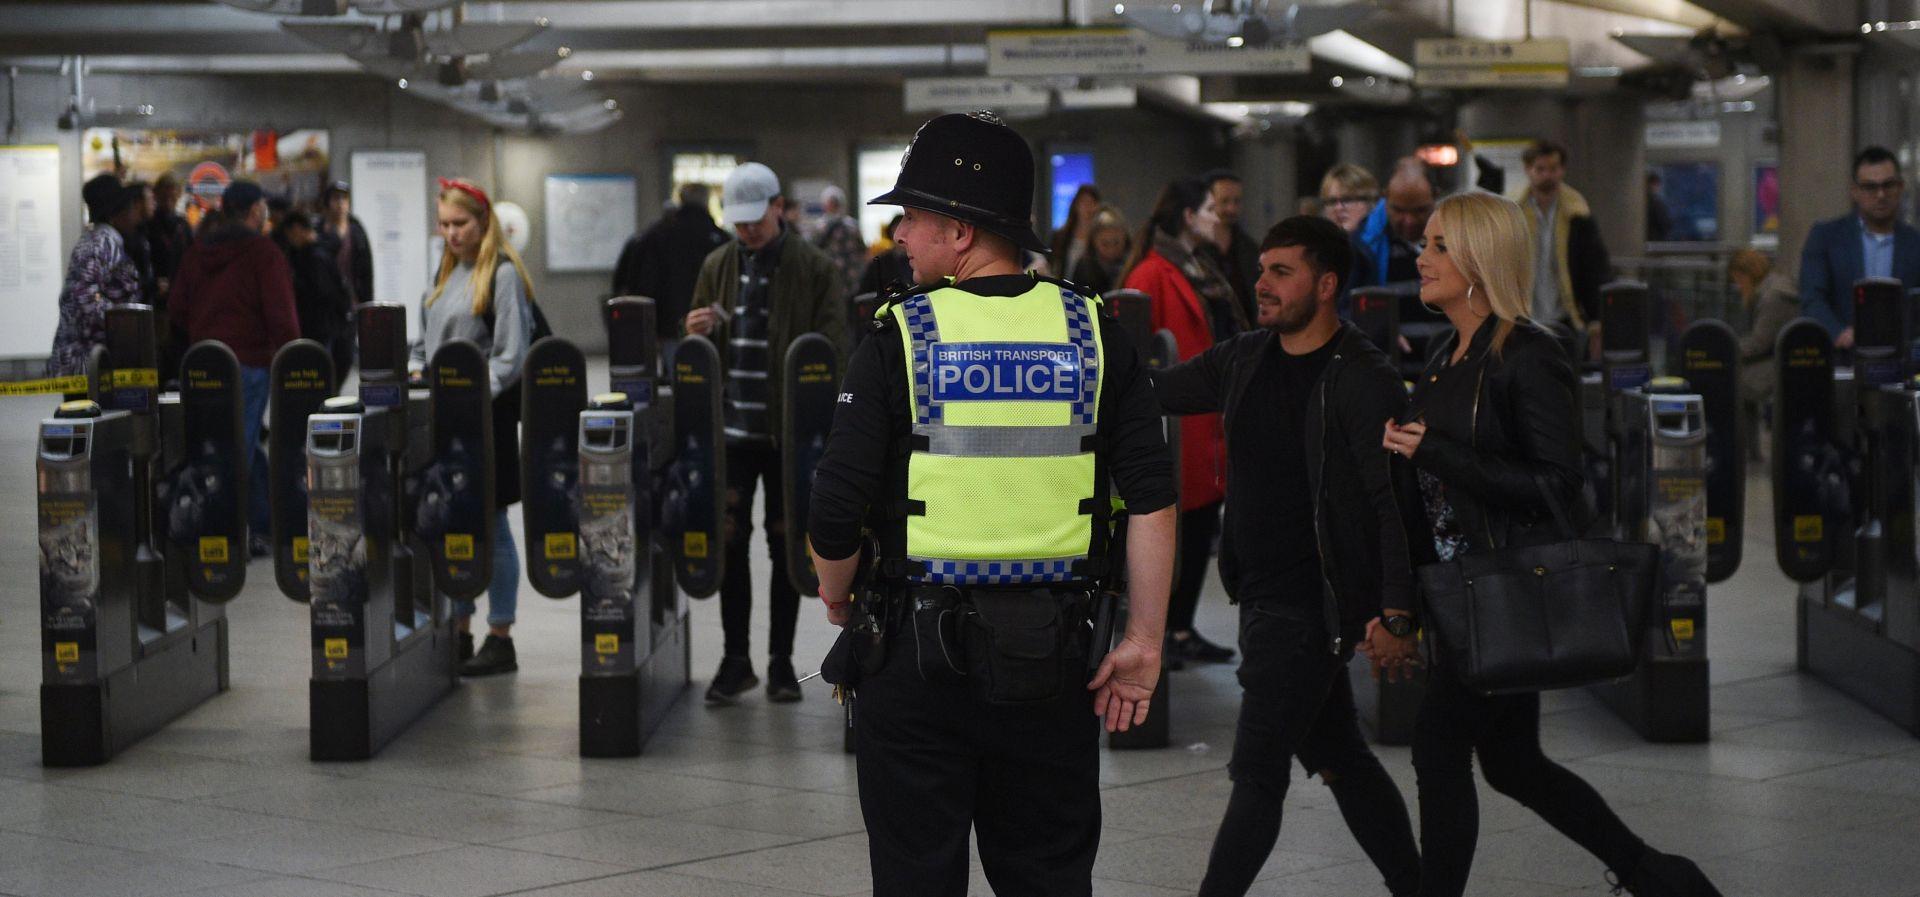 BRITANIJA Uhićena još jedna osoba zbog terorizma